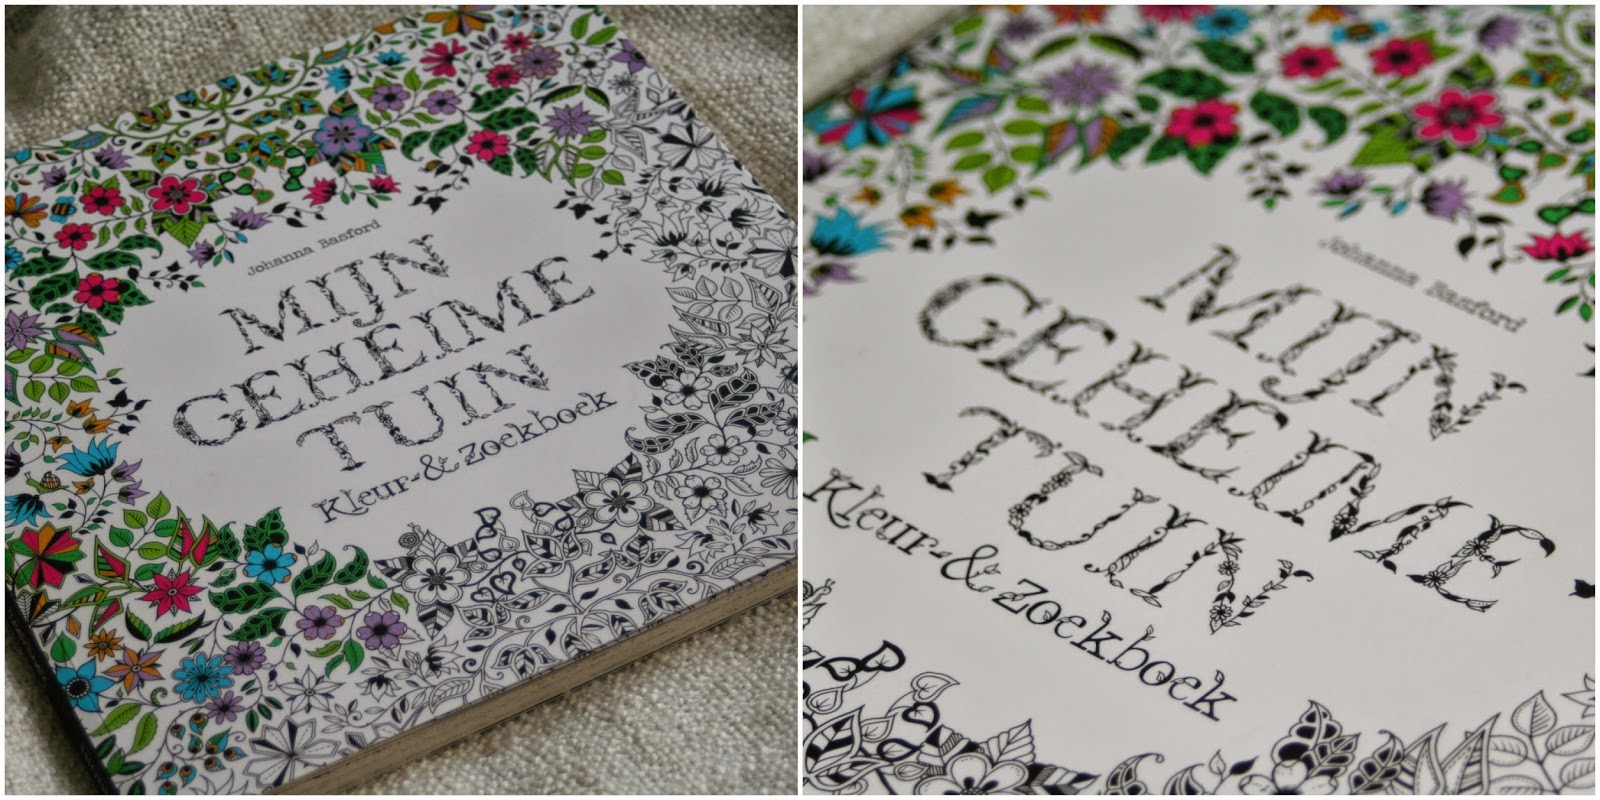 Elleke emma mijn geheime tuin kleur en zoekboek for De geheime tuin boek